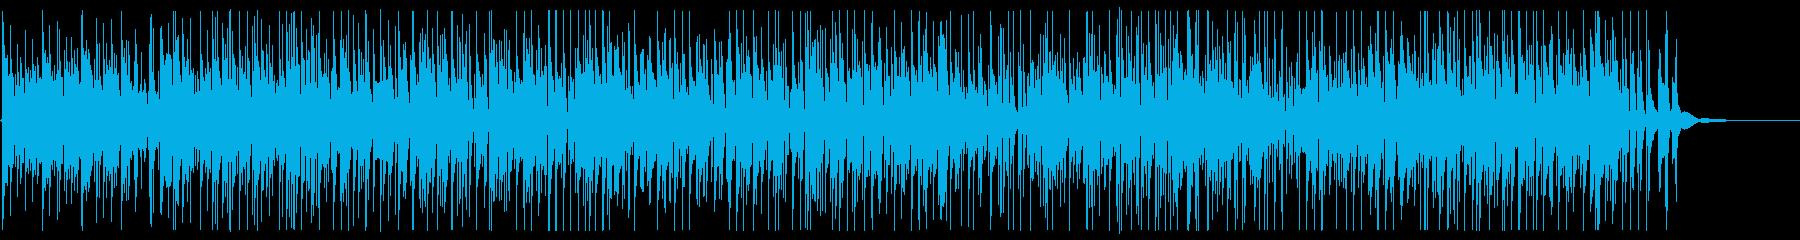 ナイロンギターの優しいカフェミュージックの再生済みの波形